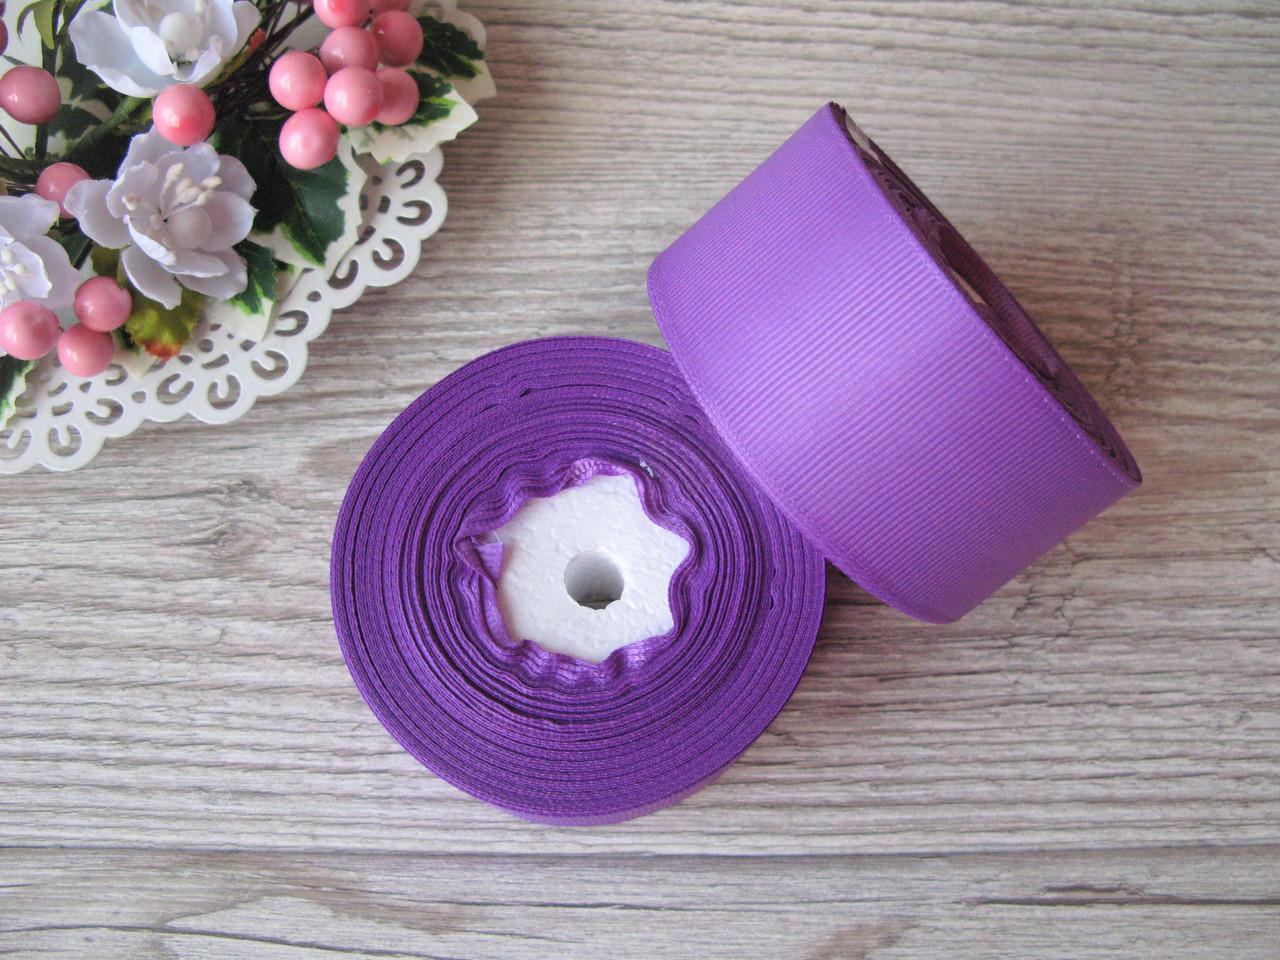 Лента репсовая 4 см ярко светло фиолетовый, бобина 18 м - 51 грн